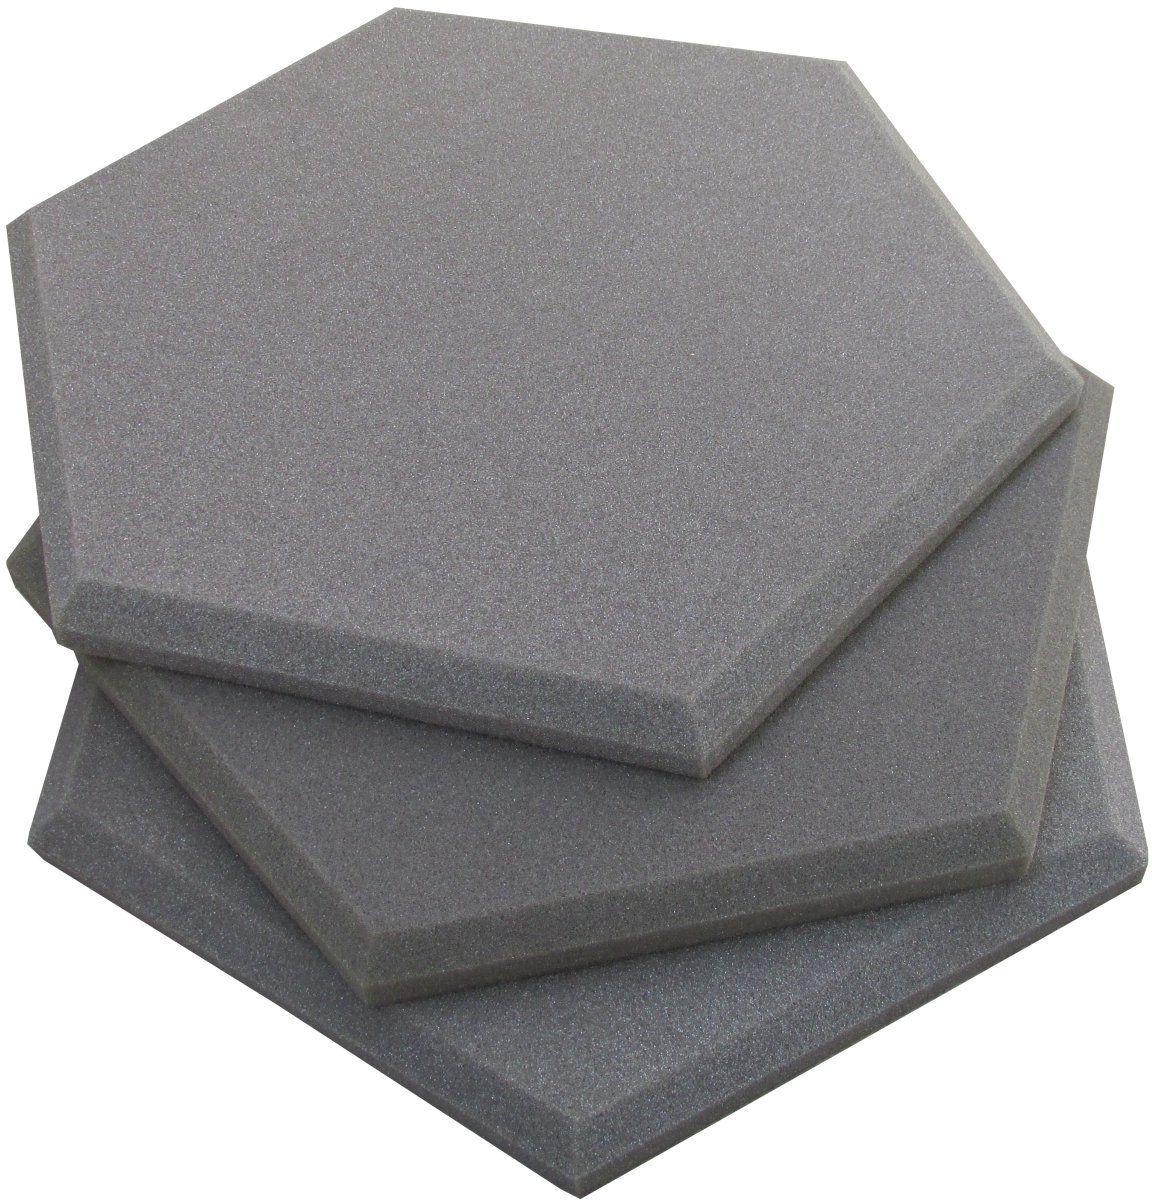 Espuma Acústica - REV Geometric- Hexagonal Cinza- Kit 5 peças - (1m²)  - Loja SPL Acústica